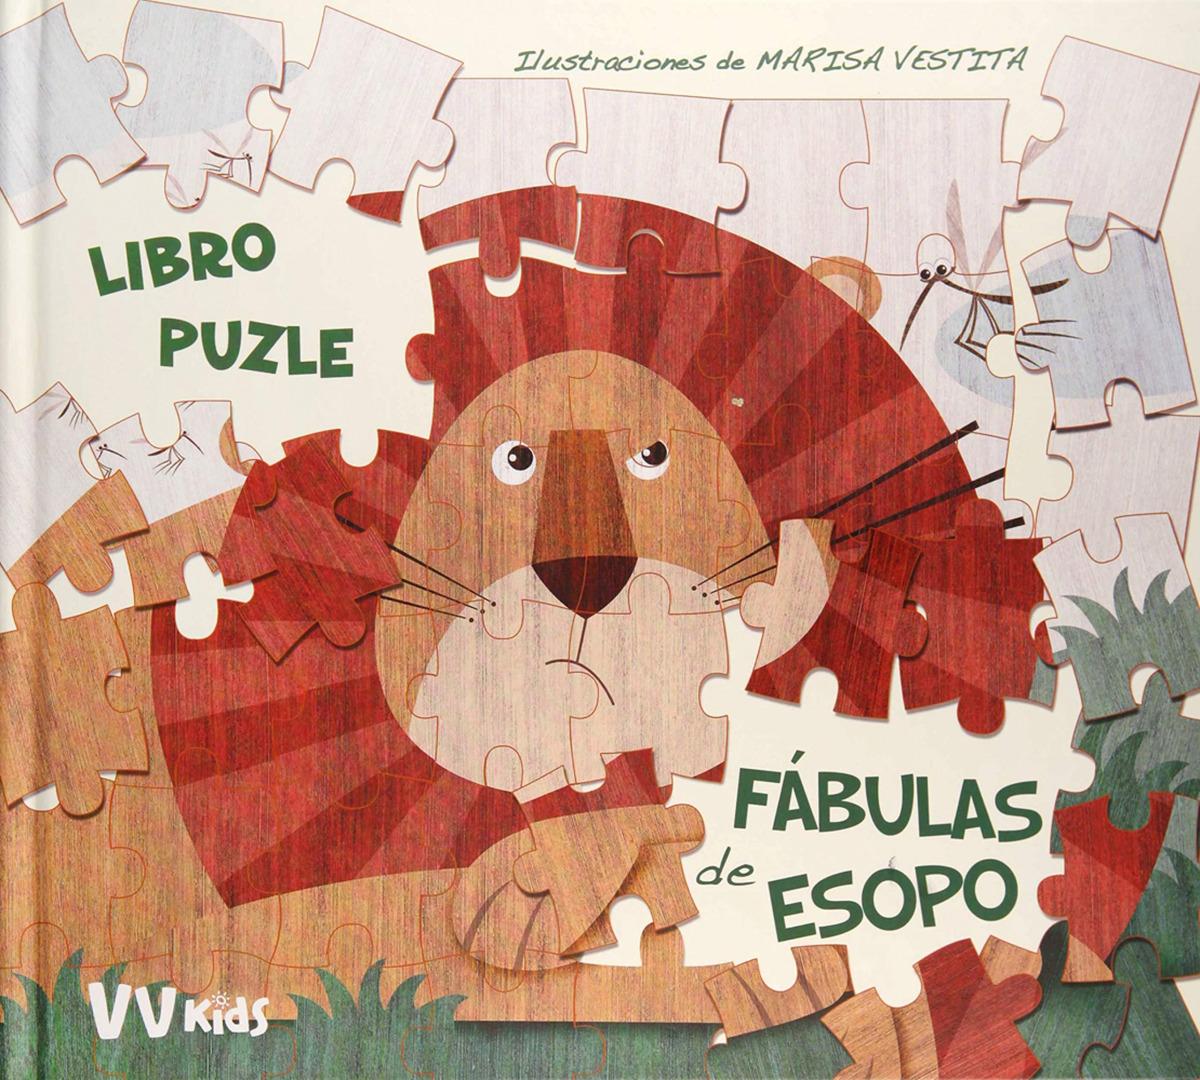 FABULAS DE ESOPO LIBRO PUZZLE + 5 AñOS 9788468258461